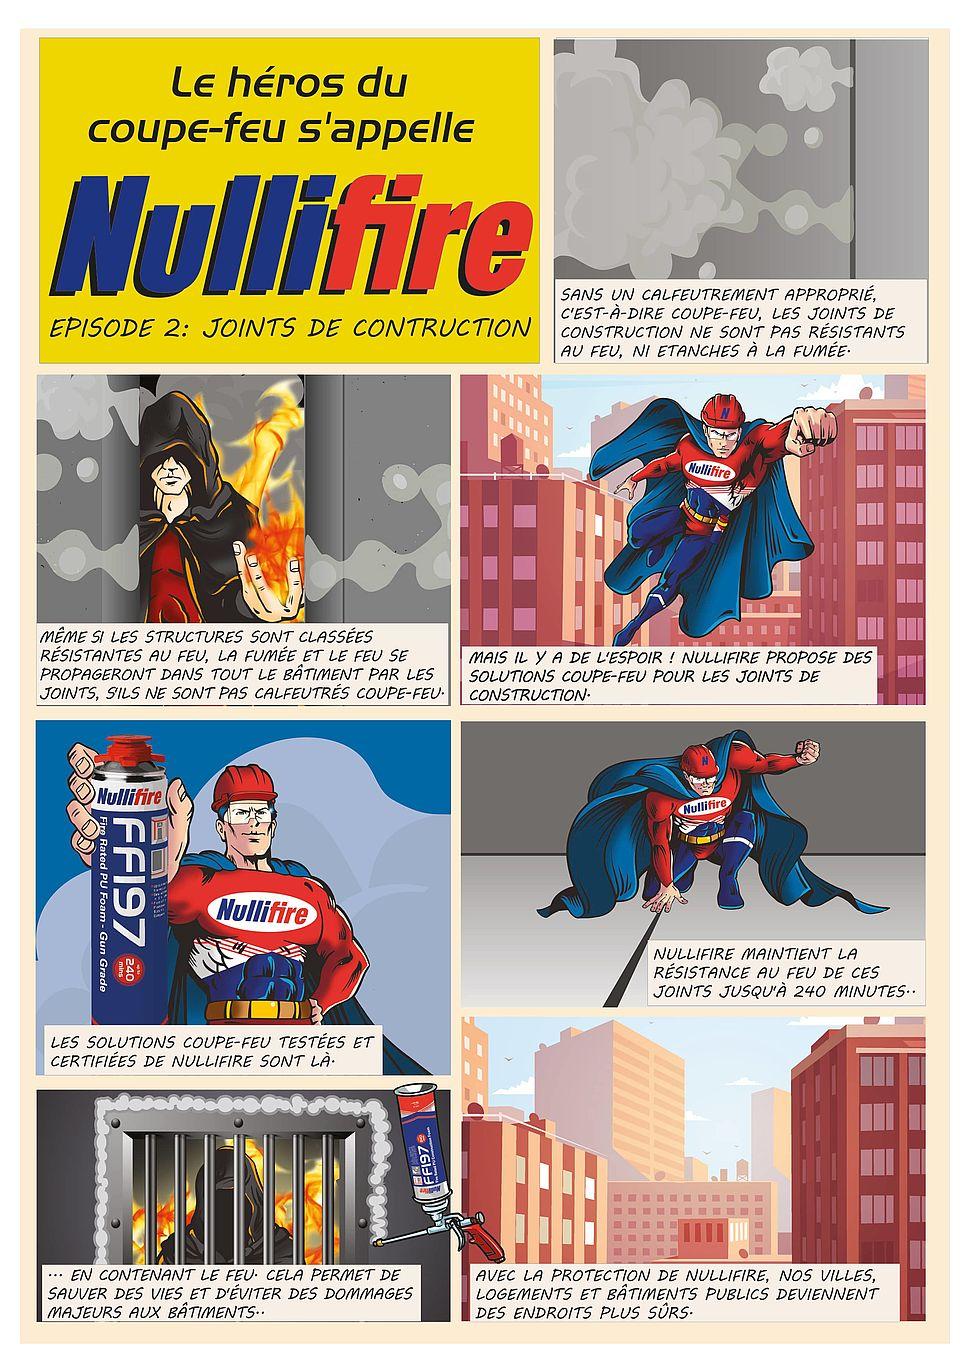 Super-héros Nullfire: stopper la propagation des flammes EP2